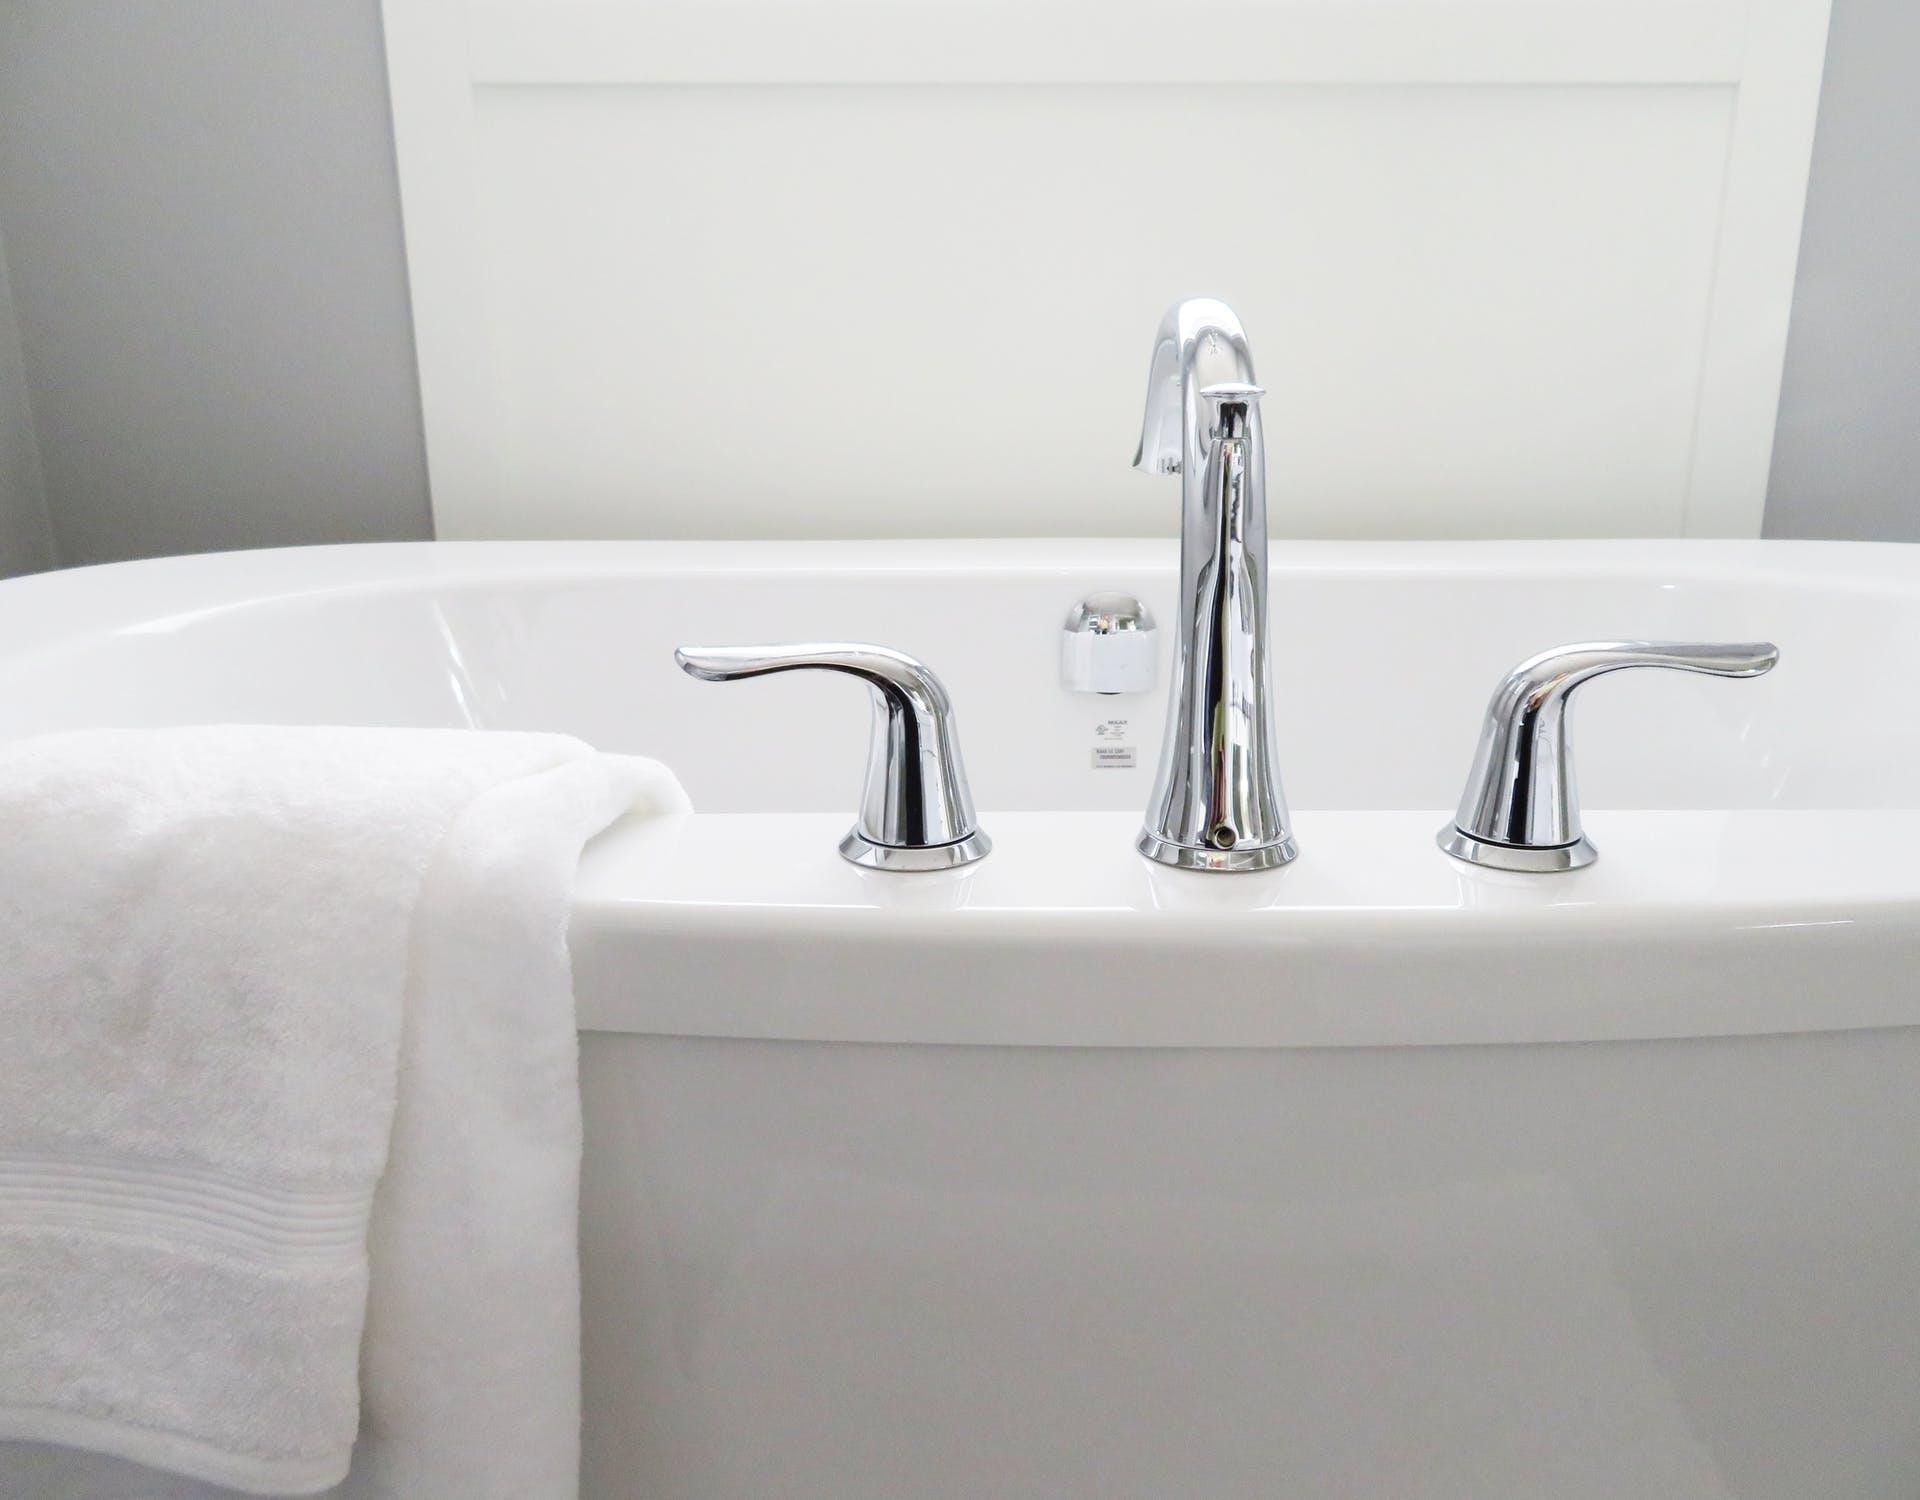 Pokojne sa do čistenia kúpeľne pustite po každom sprchovaní